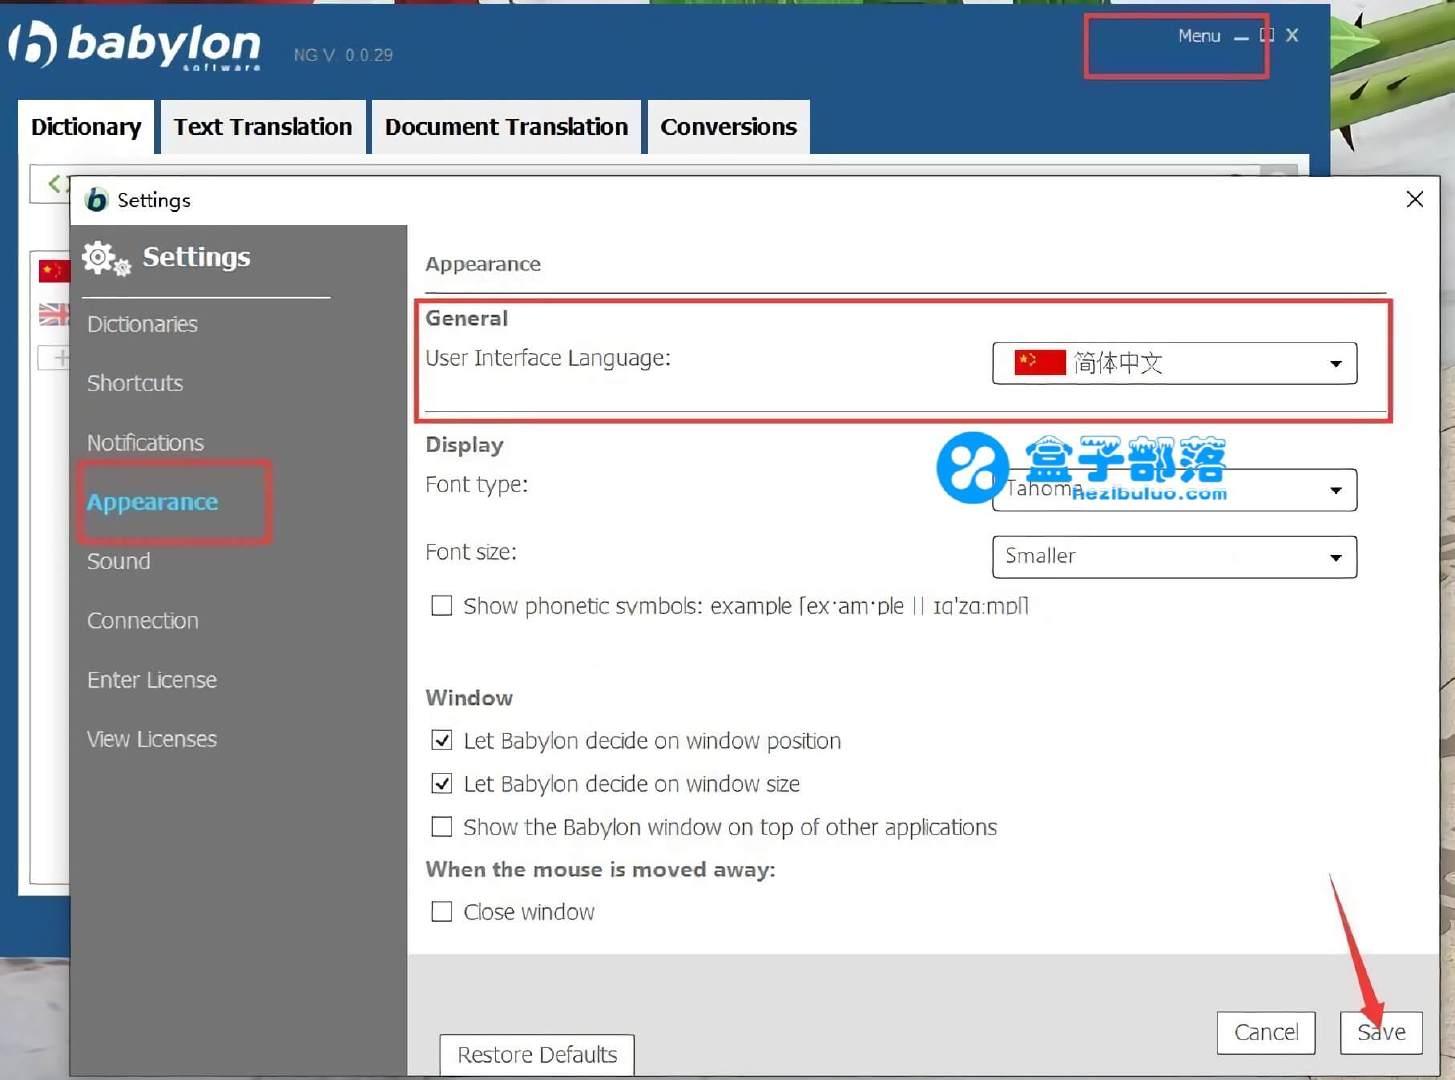 Babylon Pro NG 一款相当优秀的多国语言免费翻译软件,支持简体中文